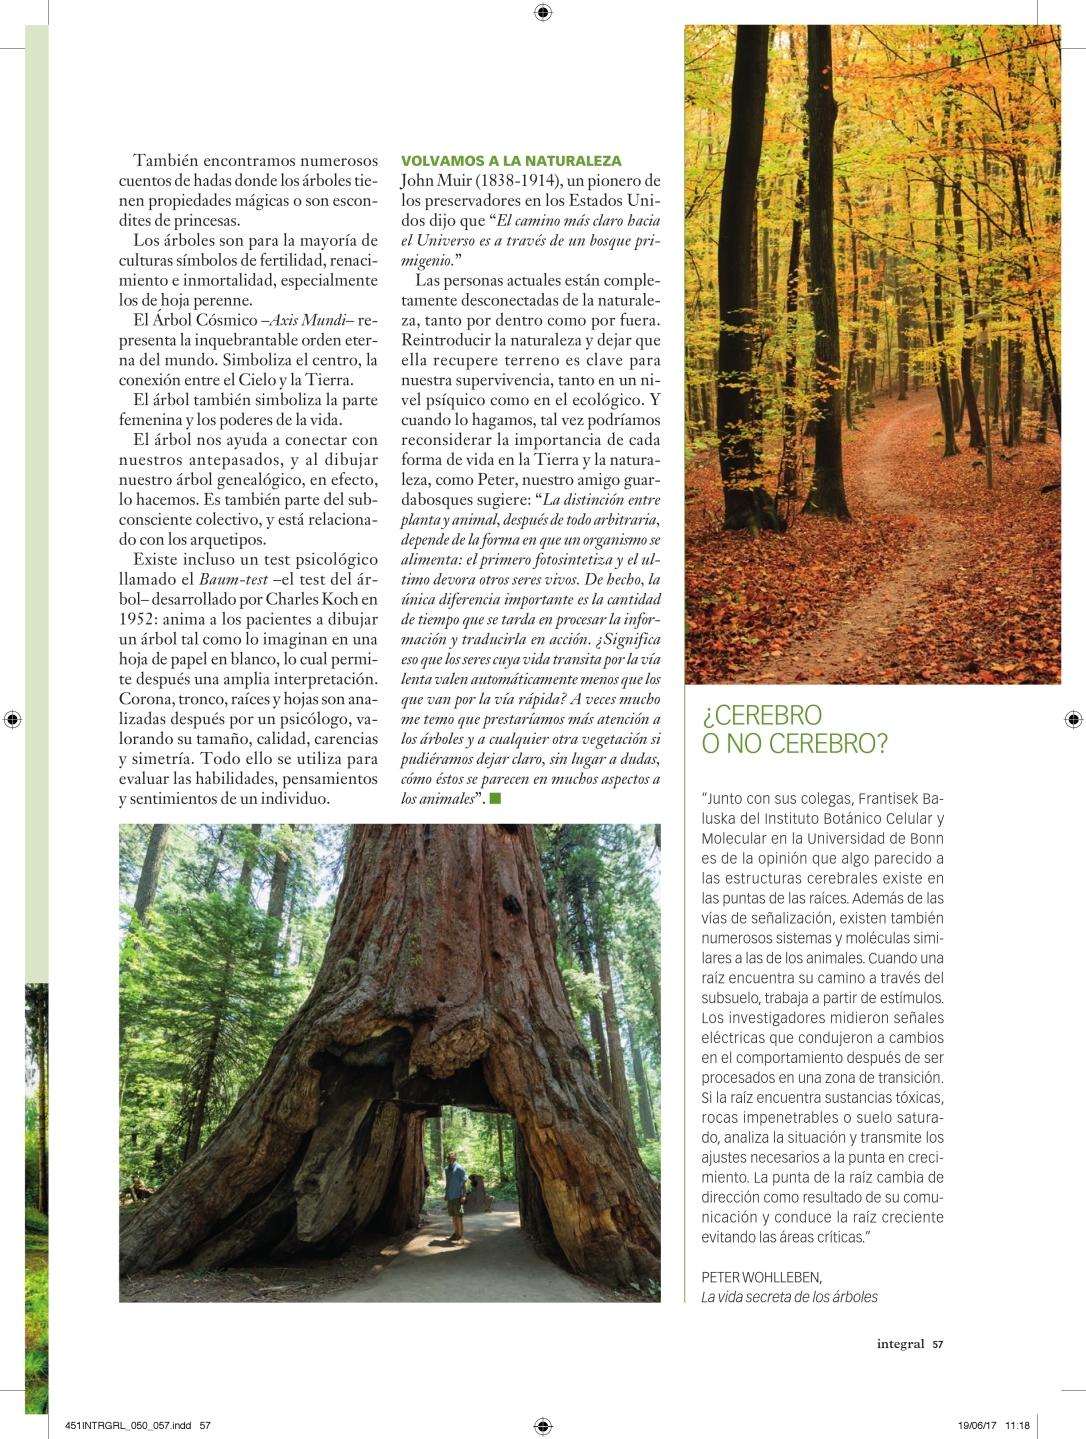 451INTRGRL_050_057_vida secreta de los árboles_000008